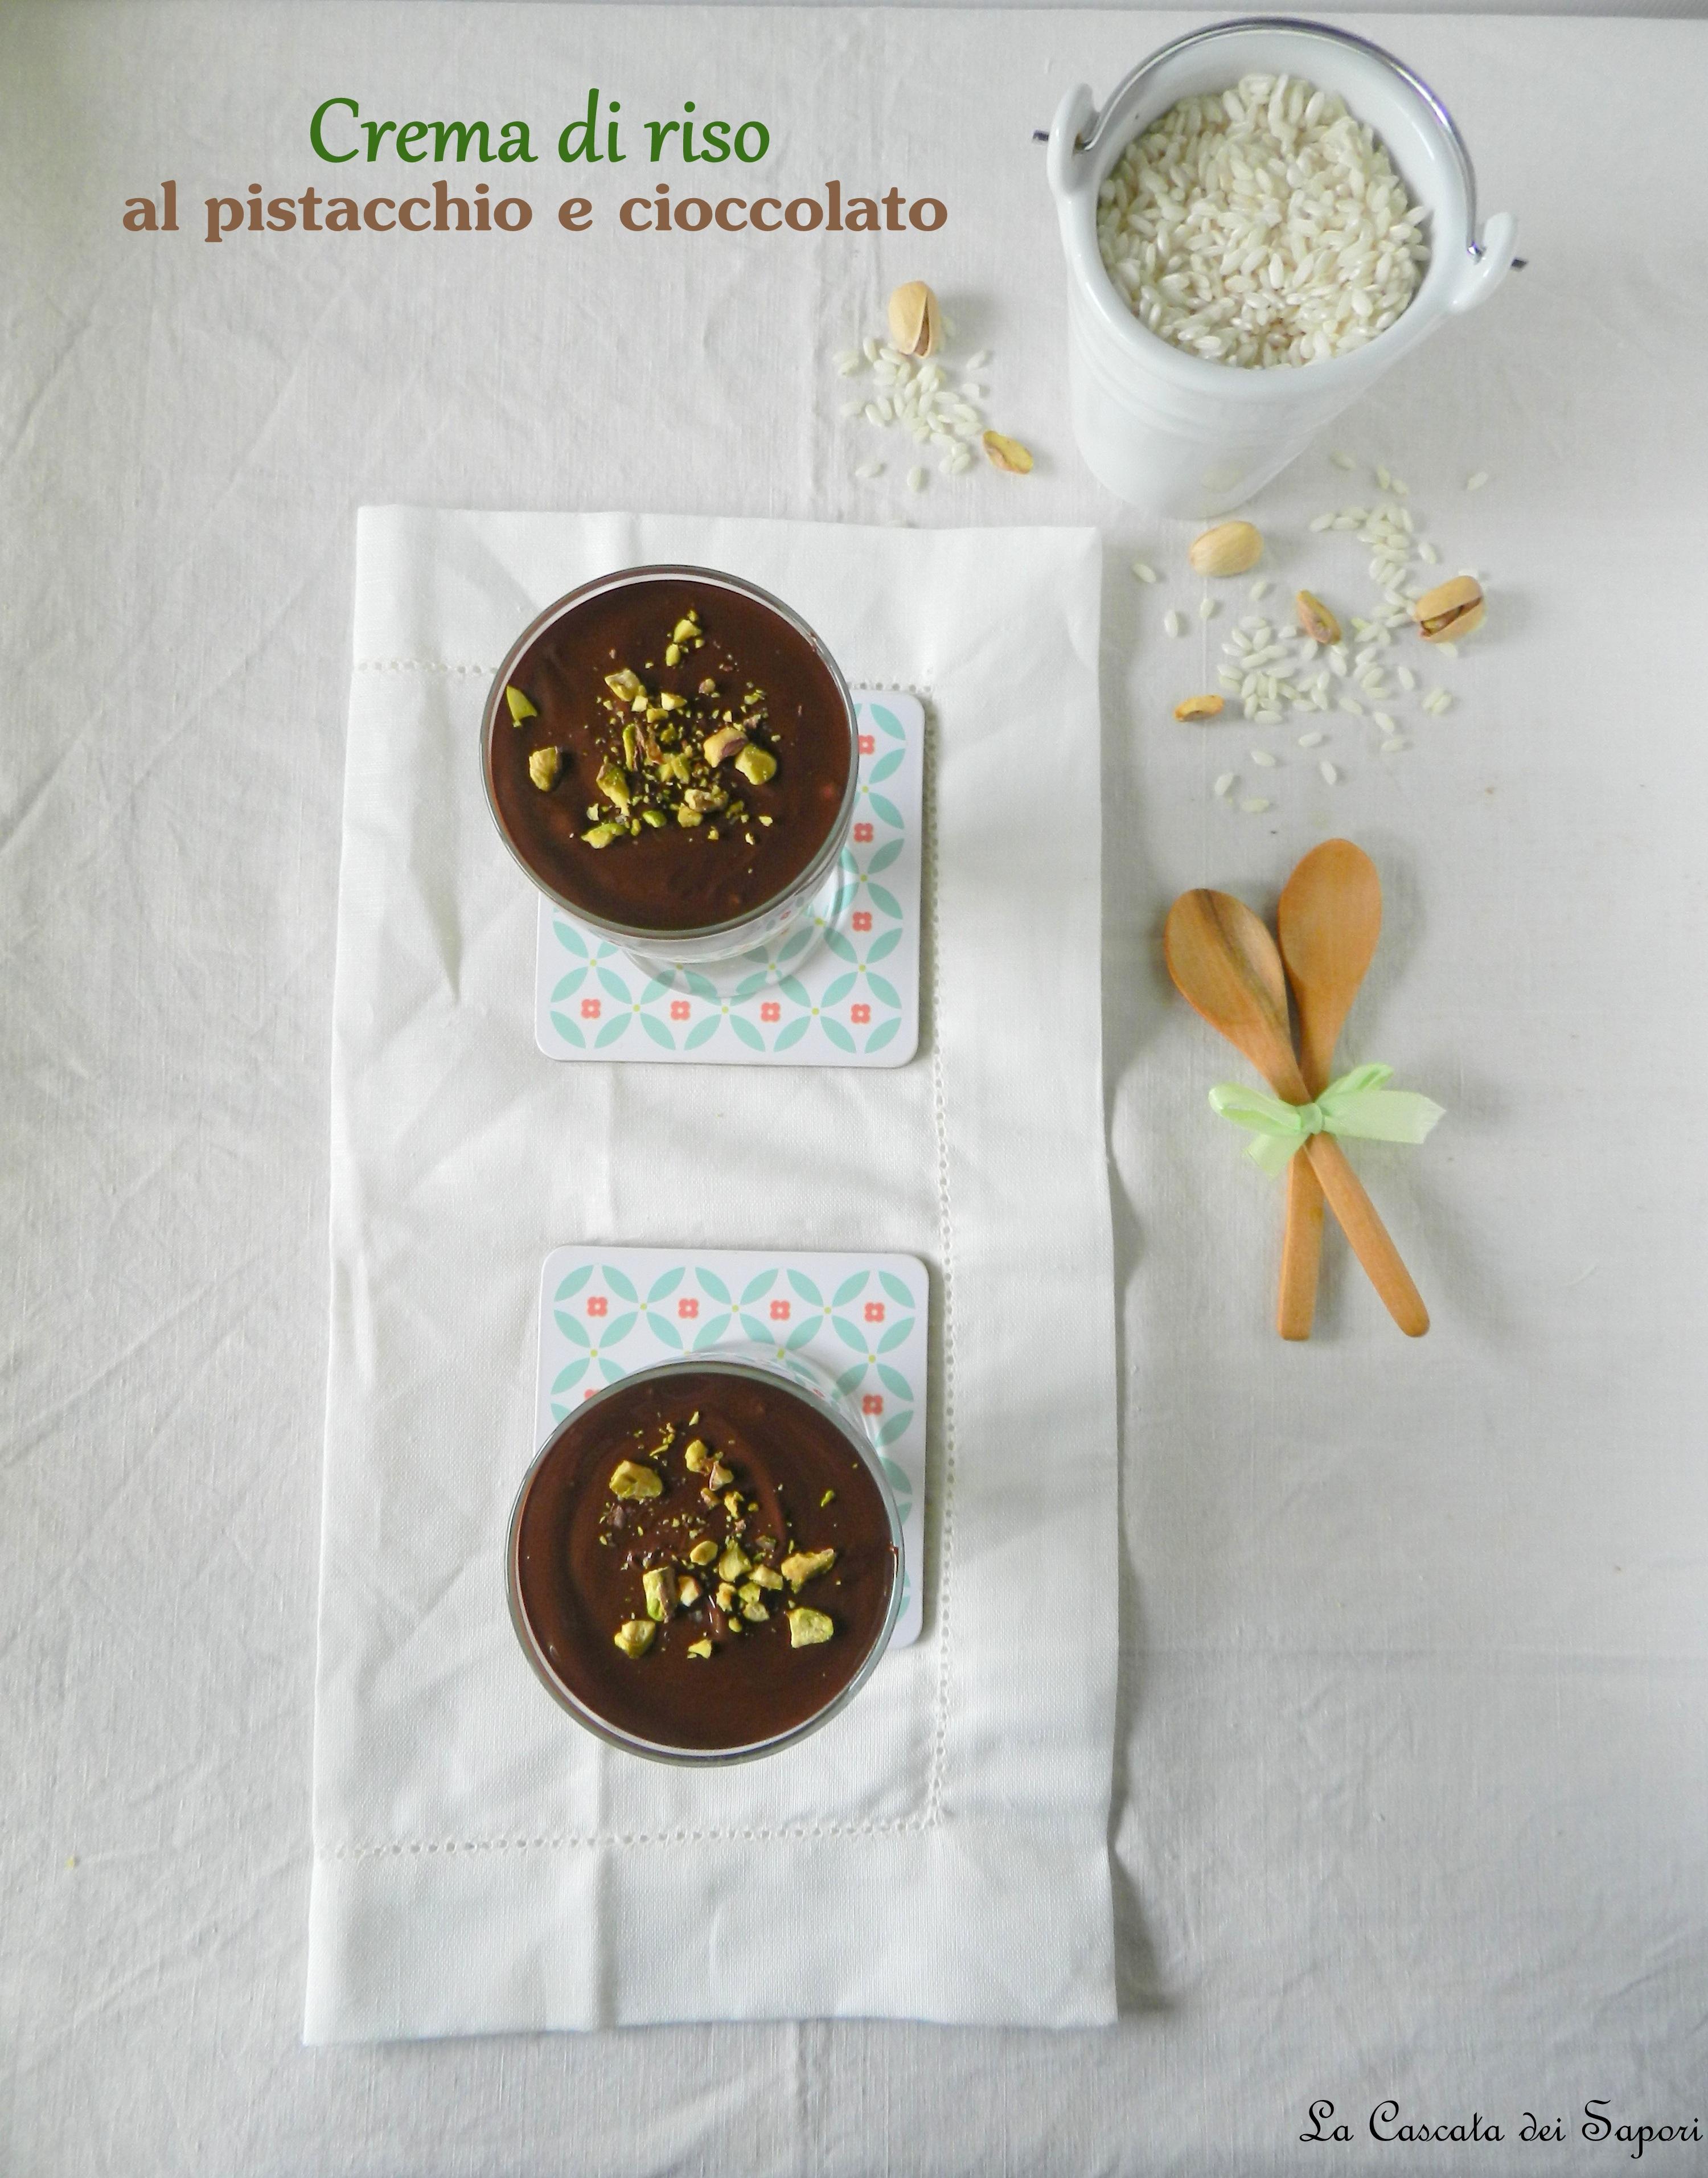 crema di riso al pistacchio e cioccolato